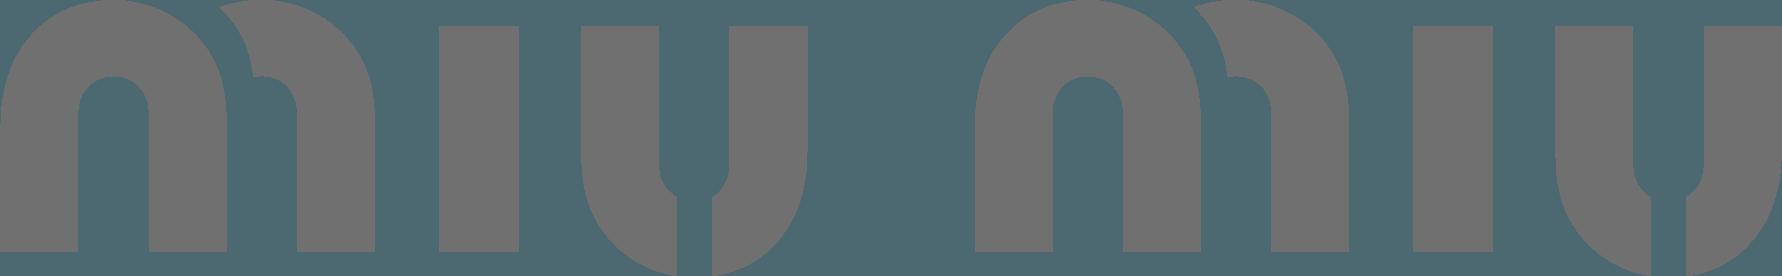 Miu Miu-logo - Miu Miu-handtassen en -accessoires |  Luxussachen.com